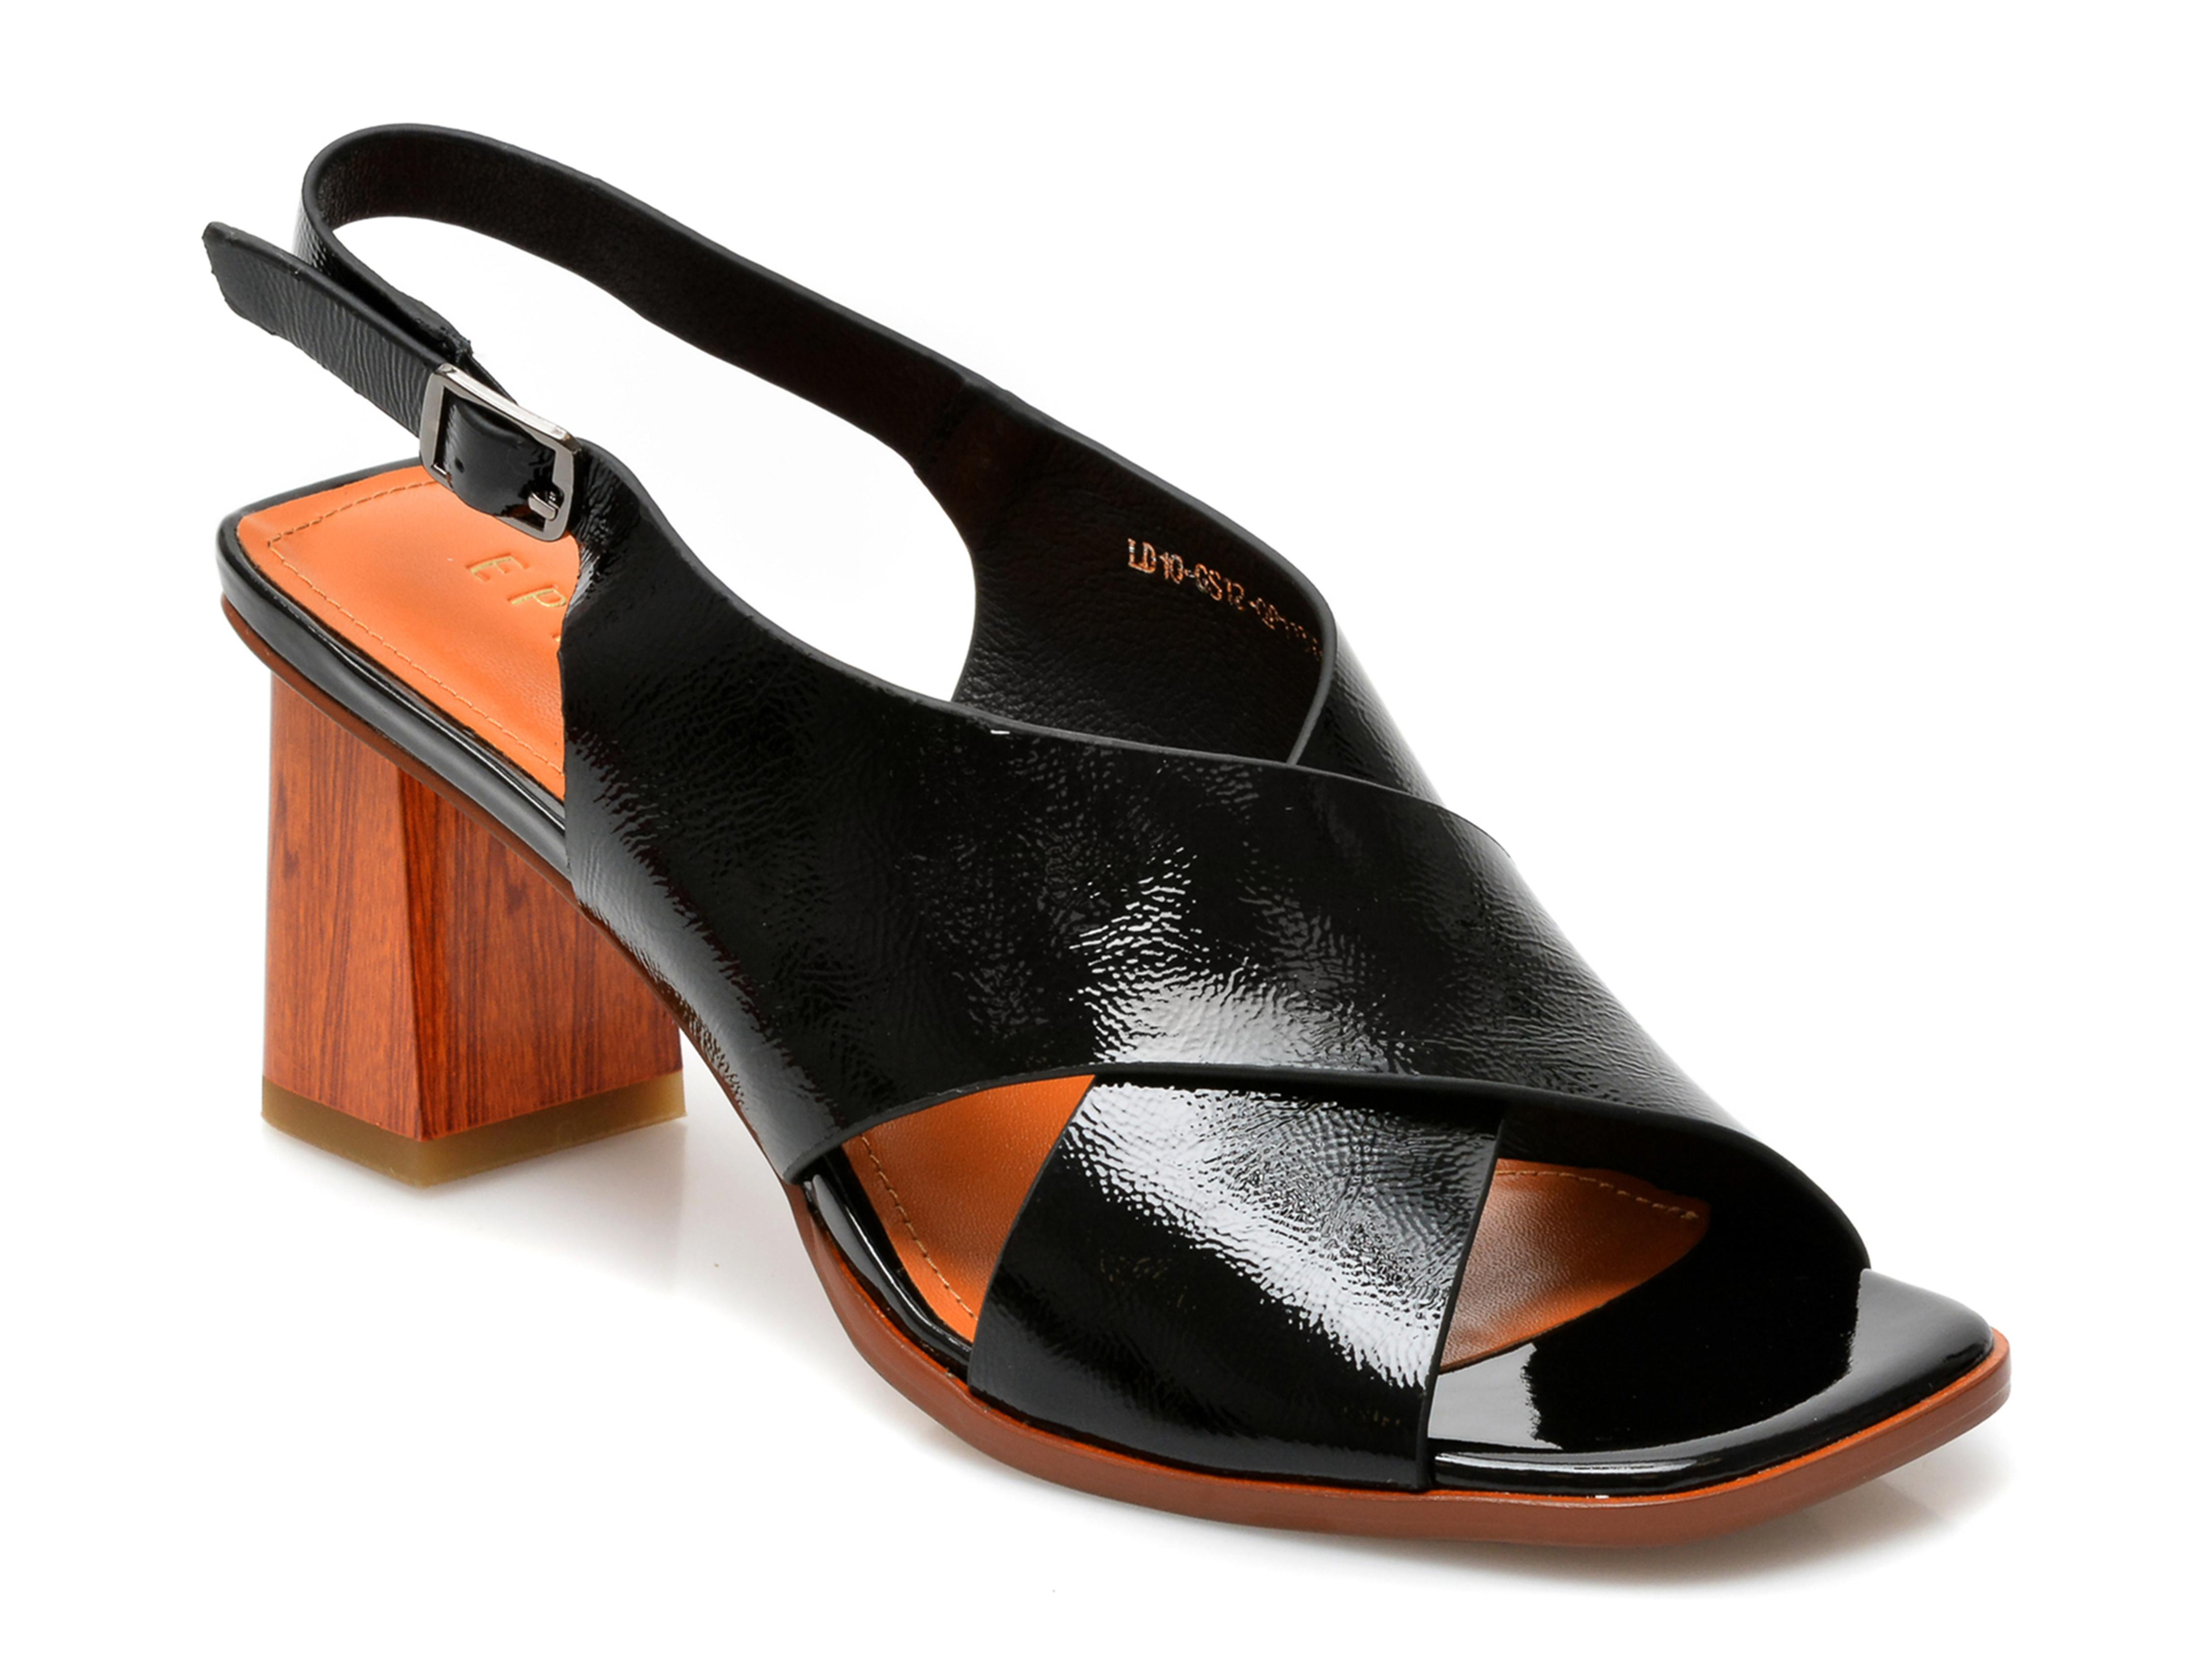 Sandale EPICA negre, LD10GS1, din piele naturala lacuita